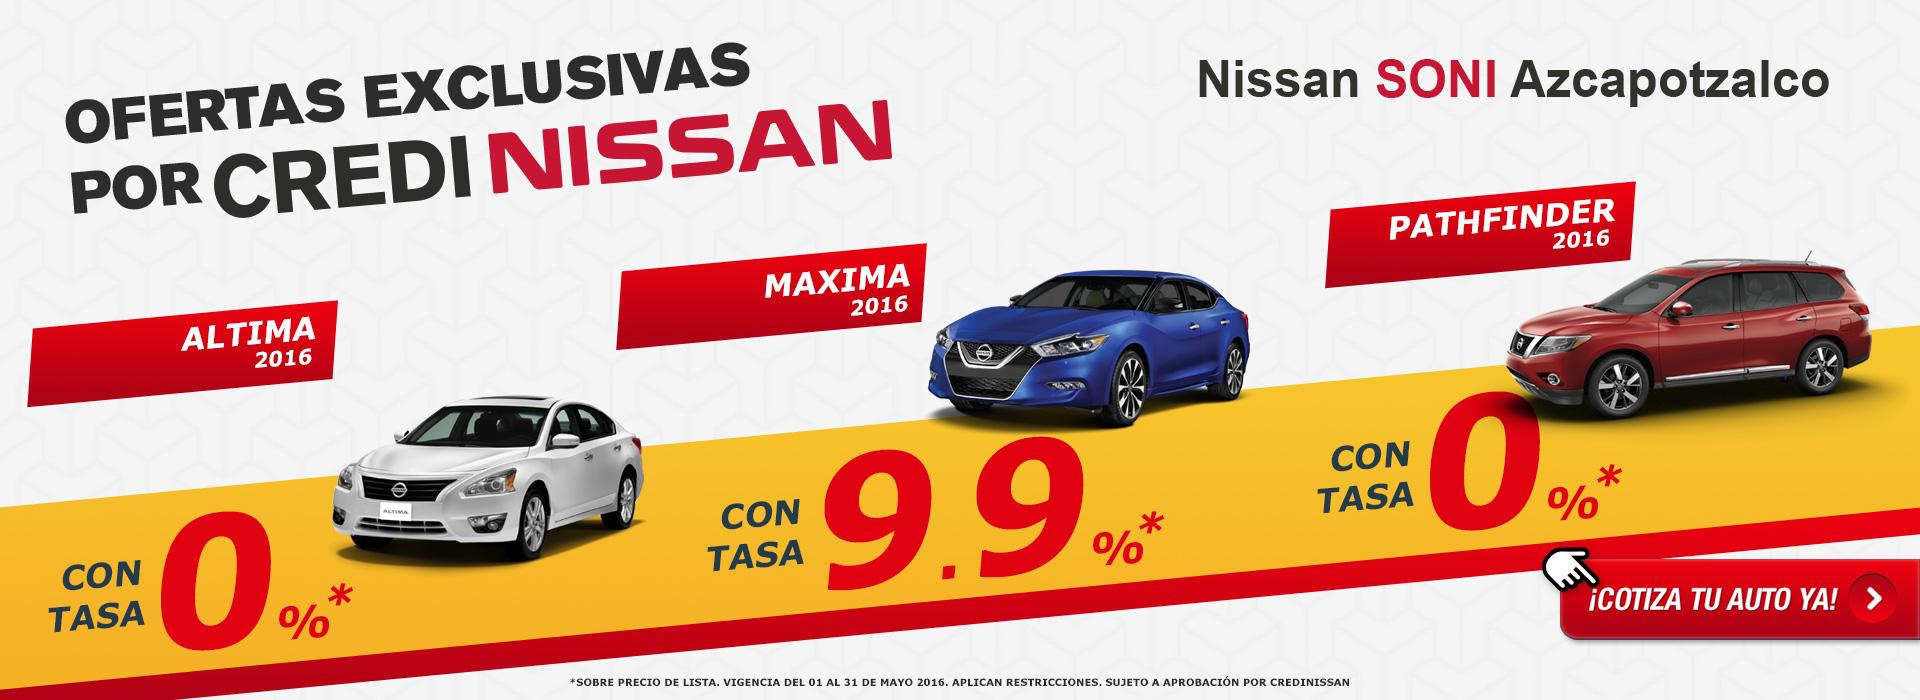 Ofertas exclusivas por Credi Nissan